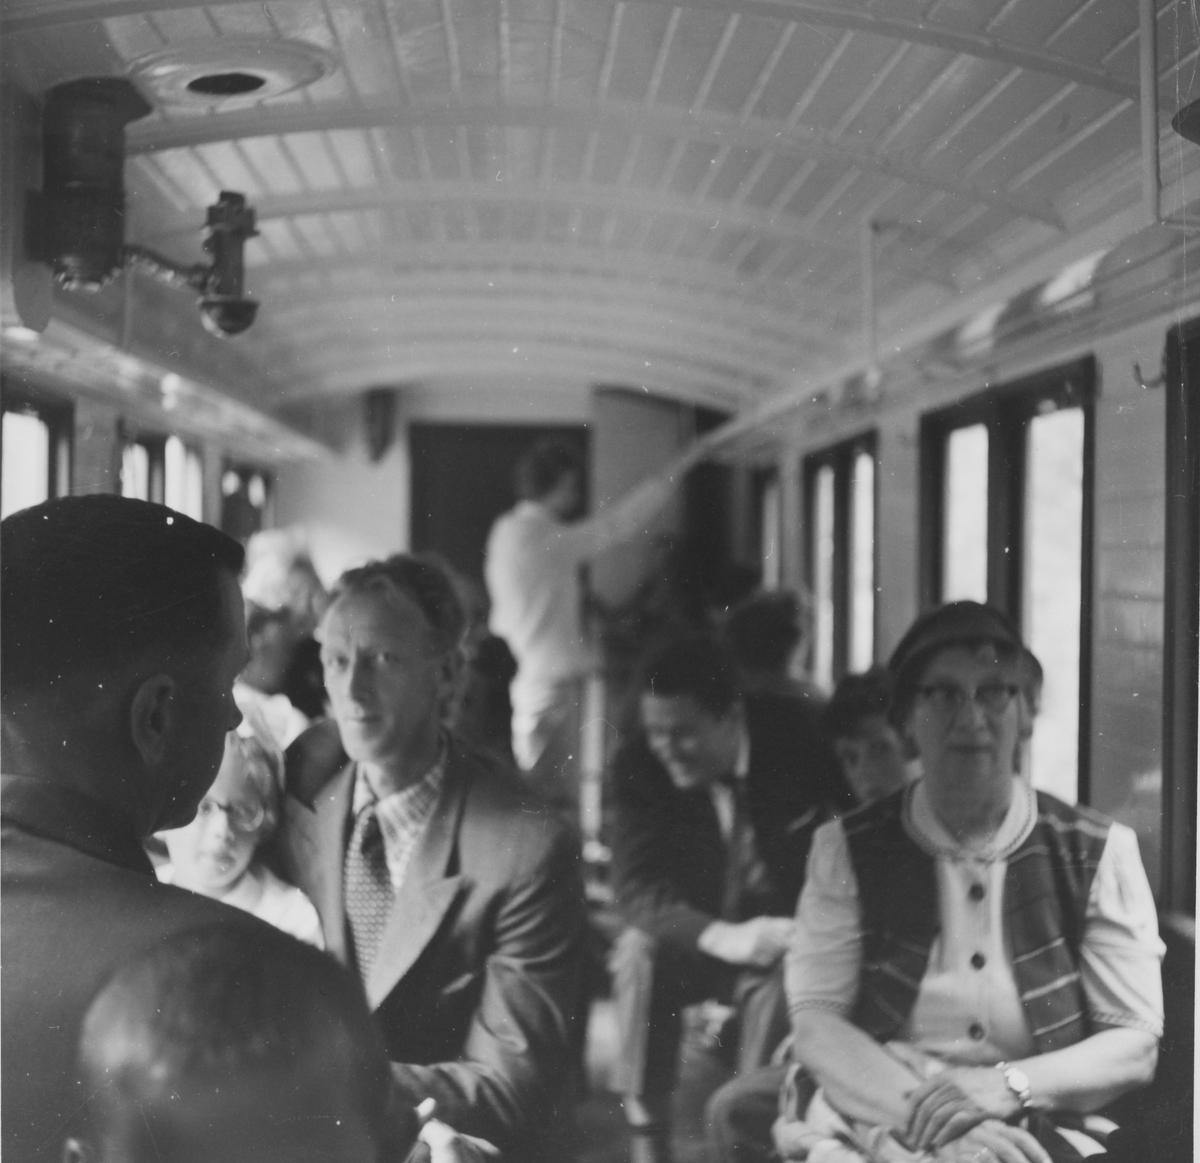 Ombord i siste ordinære tog fra Sørumsand til Skulerud.